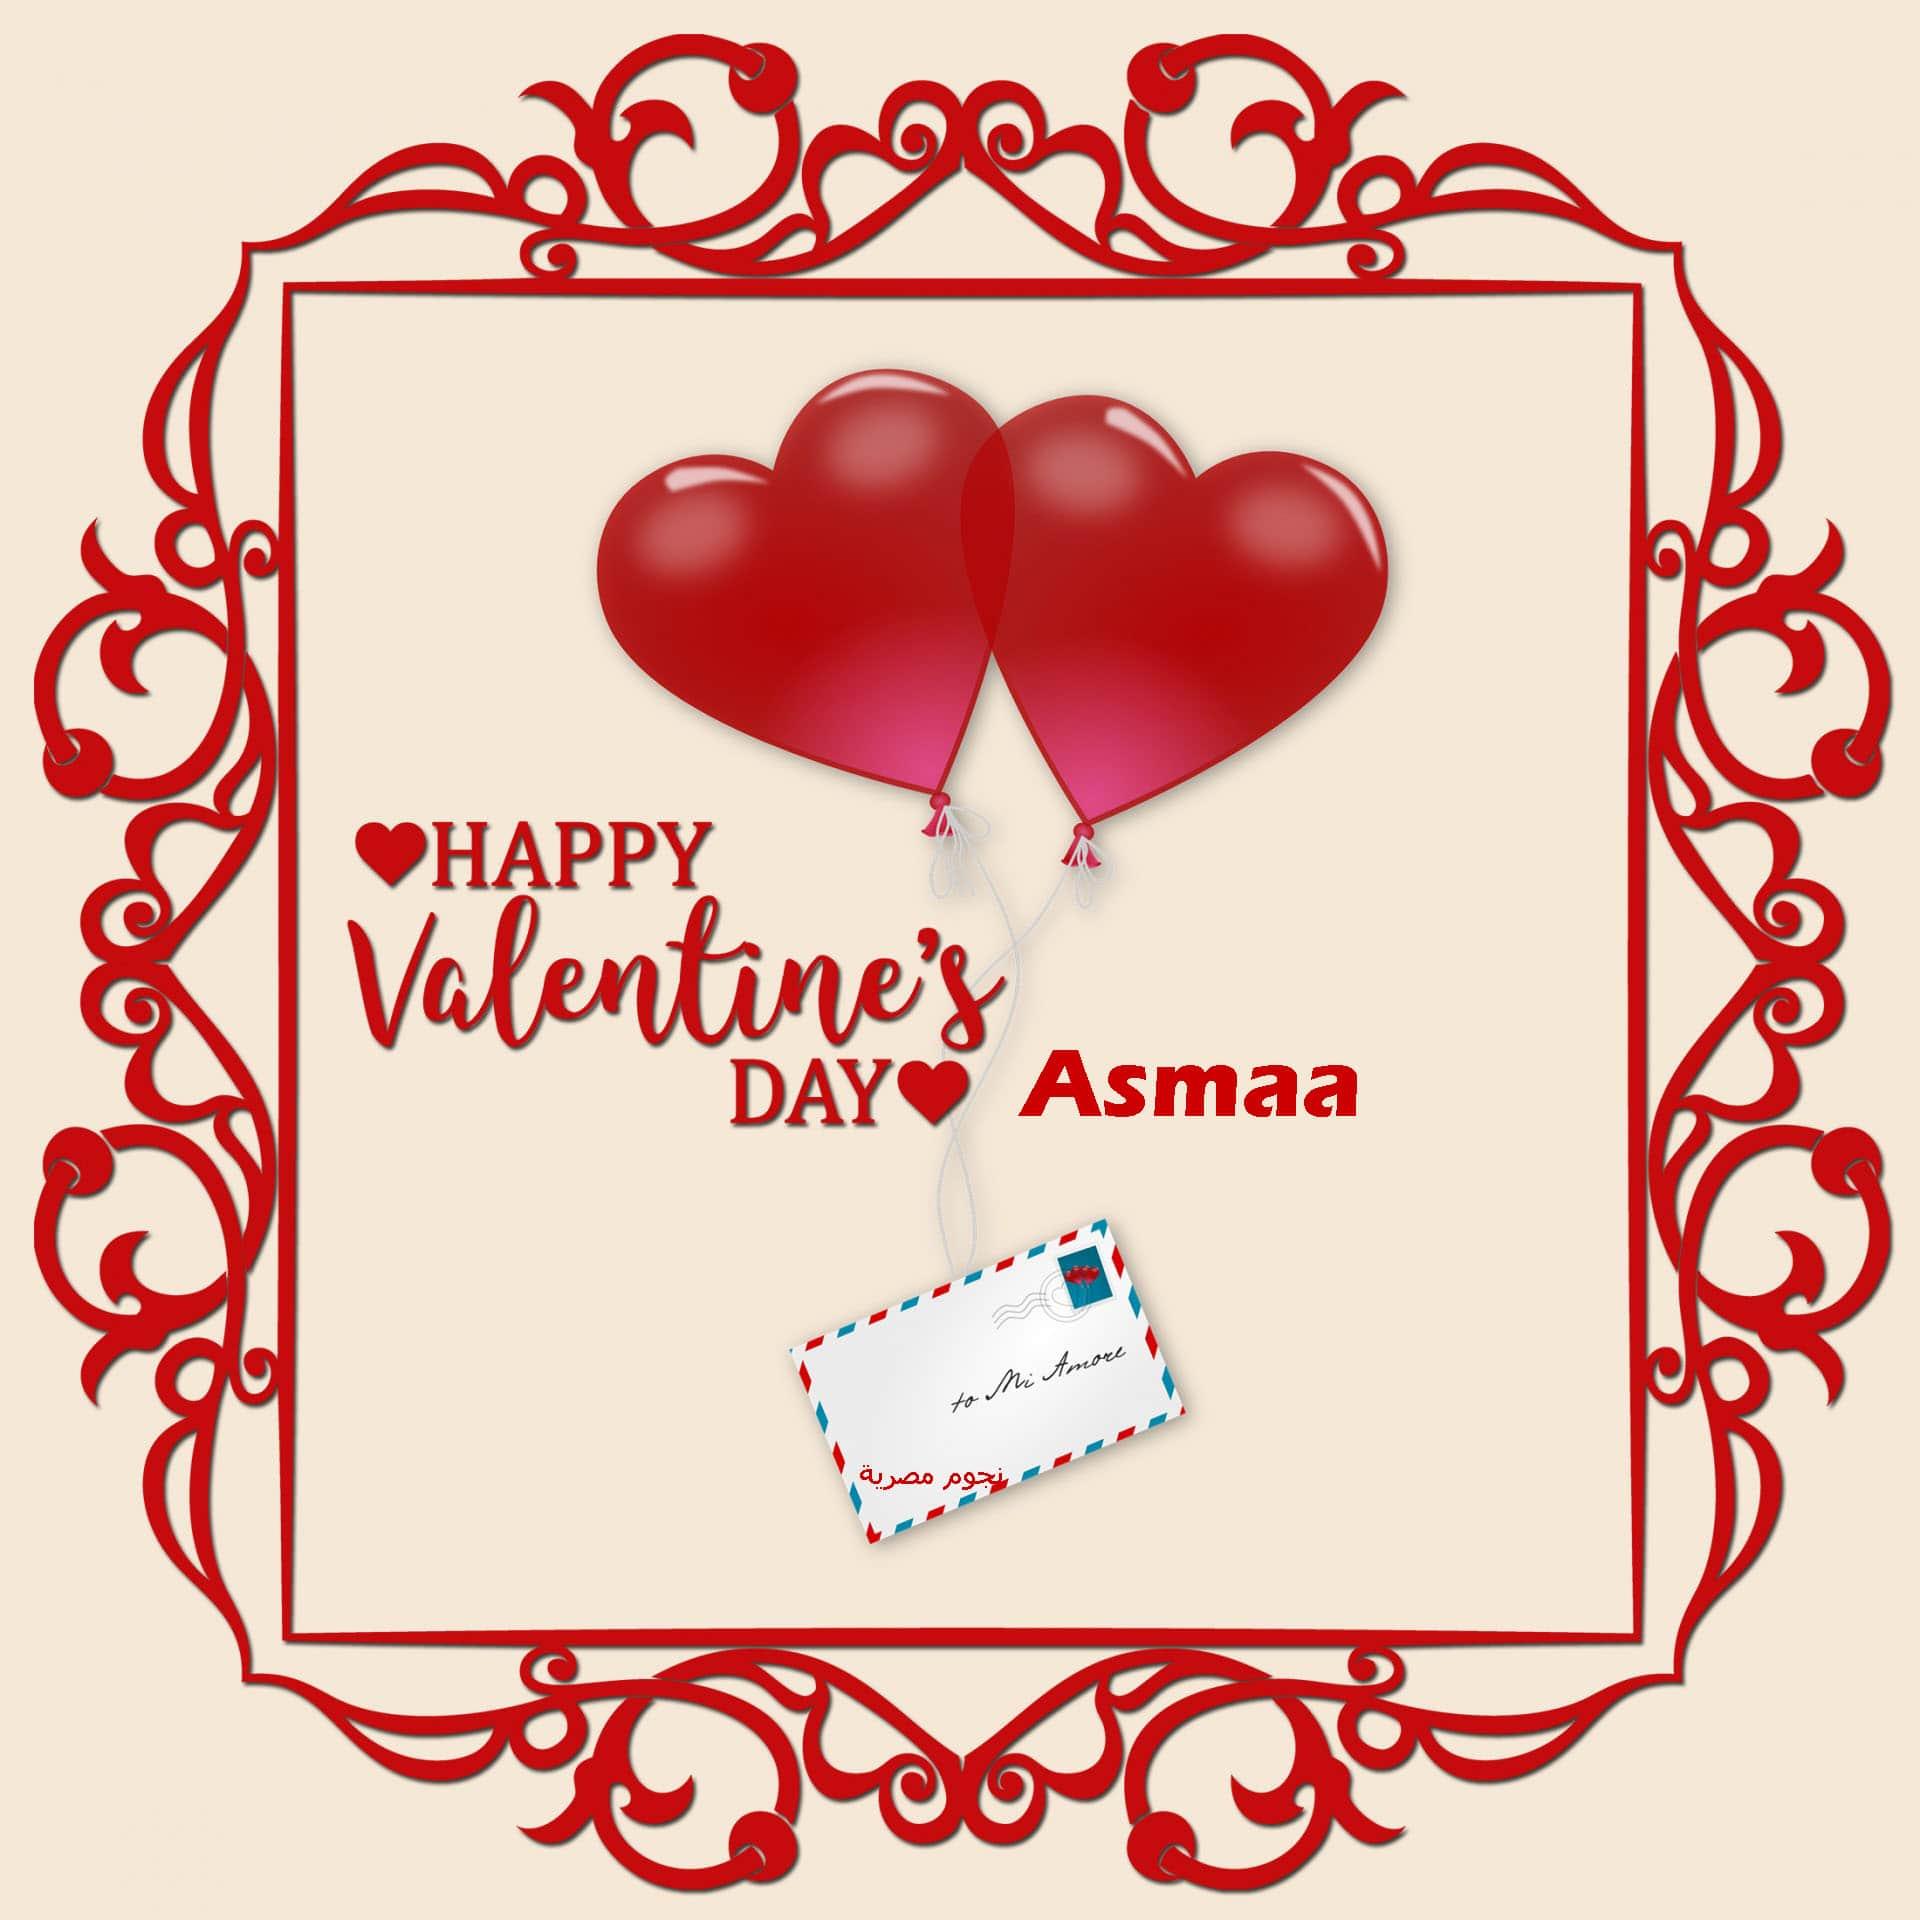 بالصور رسائل عن الحب , صور لعيد الحب 5203 5